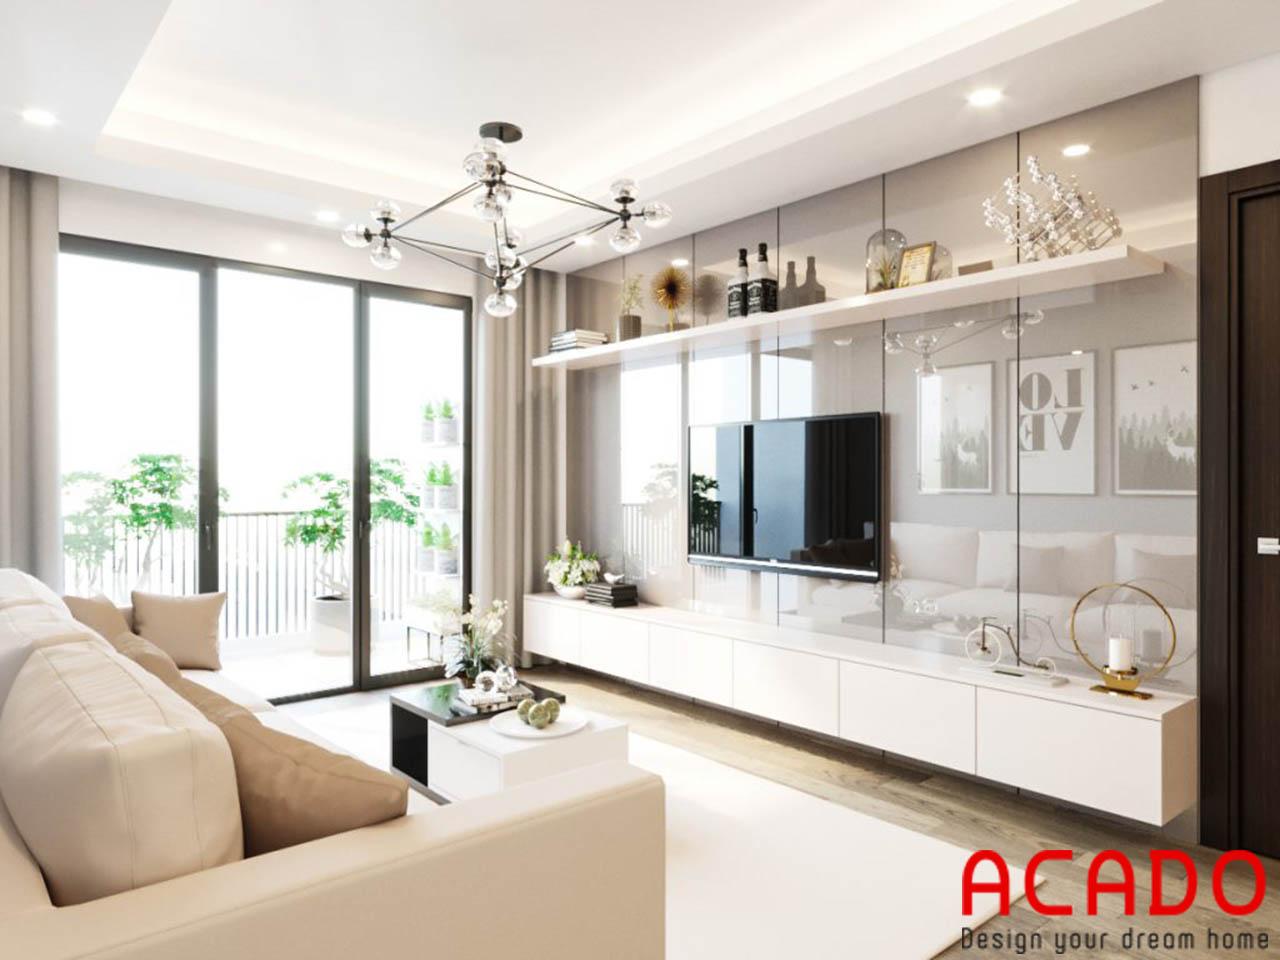 Thiết kế nội thất phòng khách theo phong cách hiện đại - Acado.vn